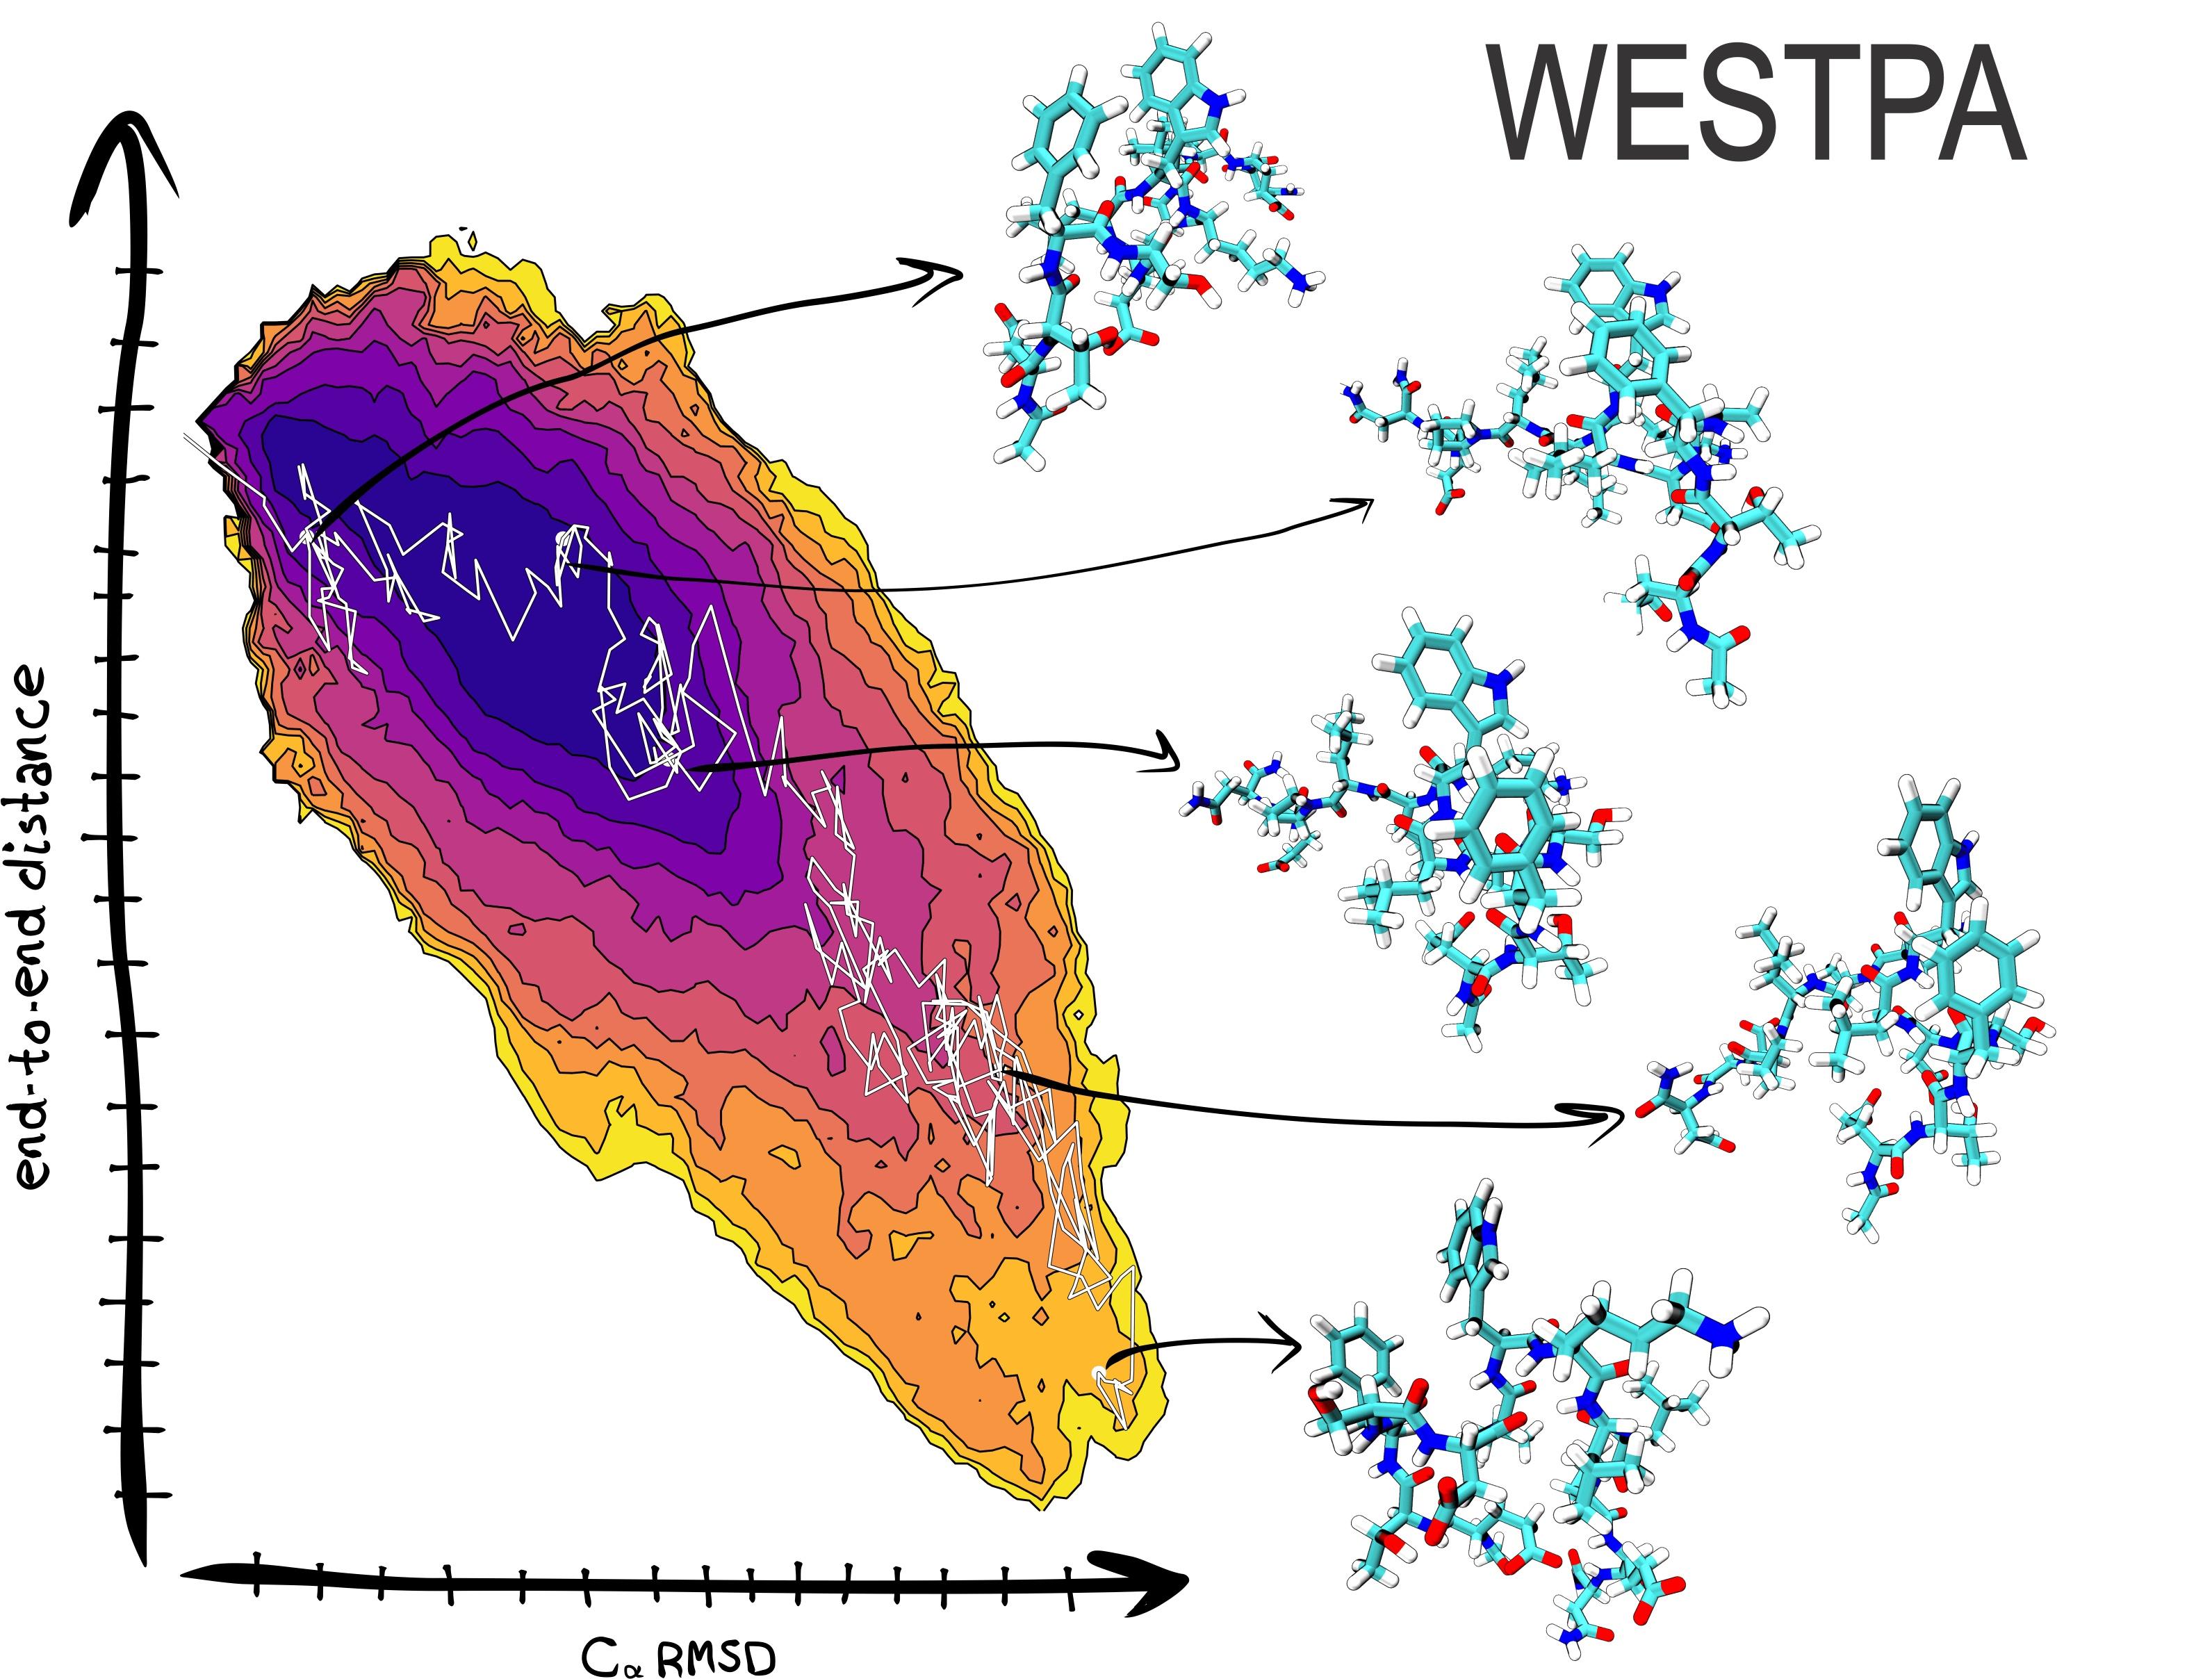 Illustration of WESTPA